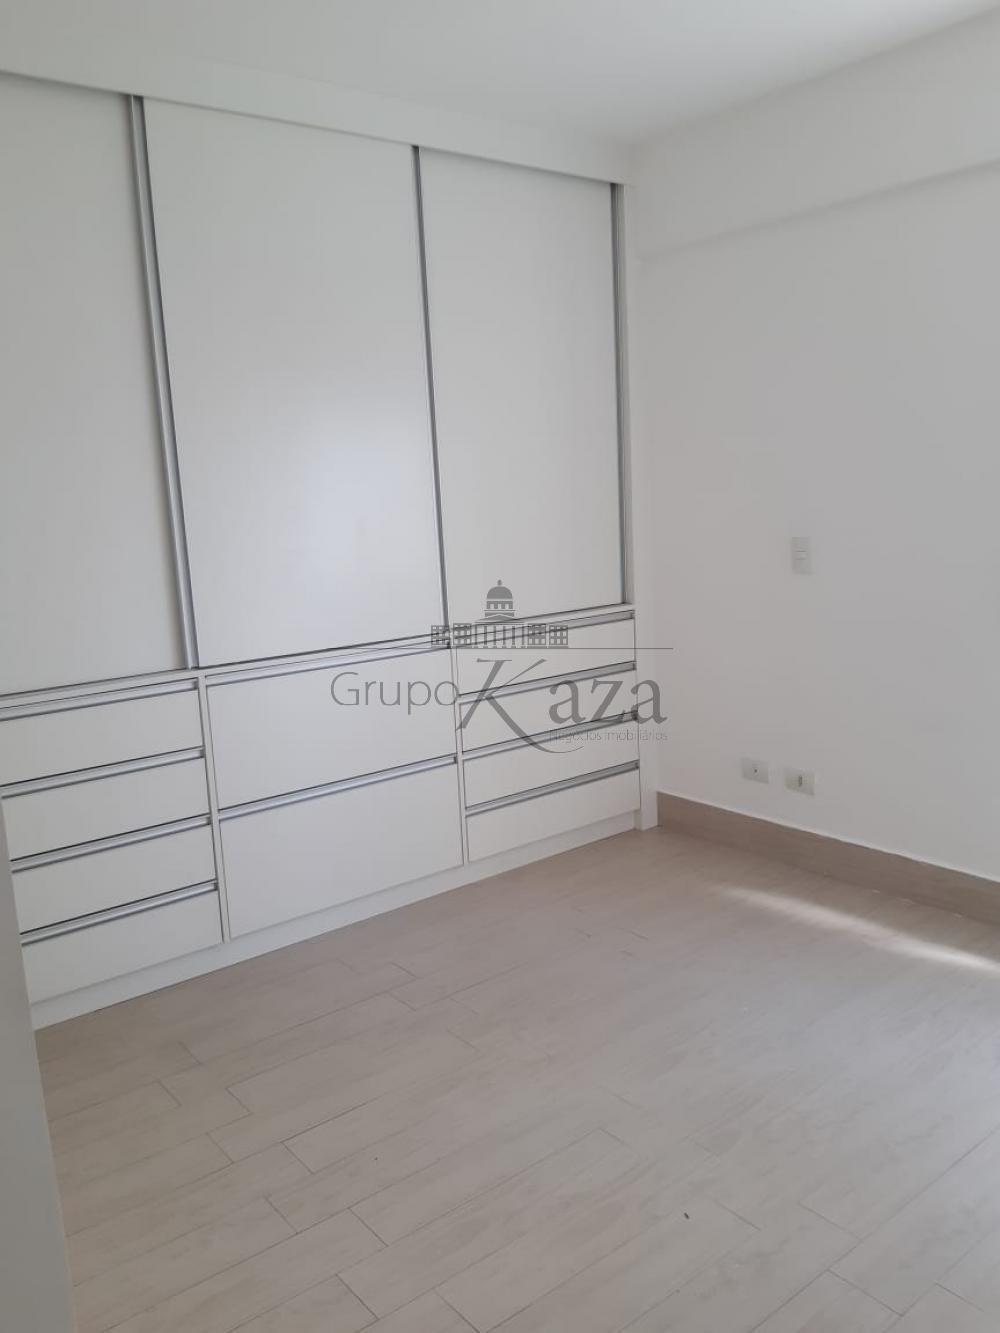 alt='Alugar Apartamento / Padrão em São José dos Campos R$ 2.400,00 - Foto 15' title='Alugar Apartamento / Padrão em São José dos Campos R$ 2.400,00 - Foto 15'